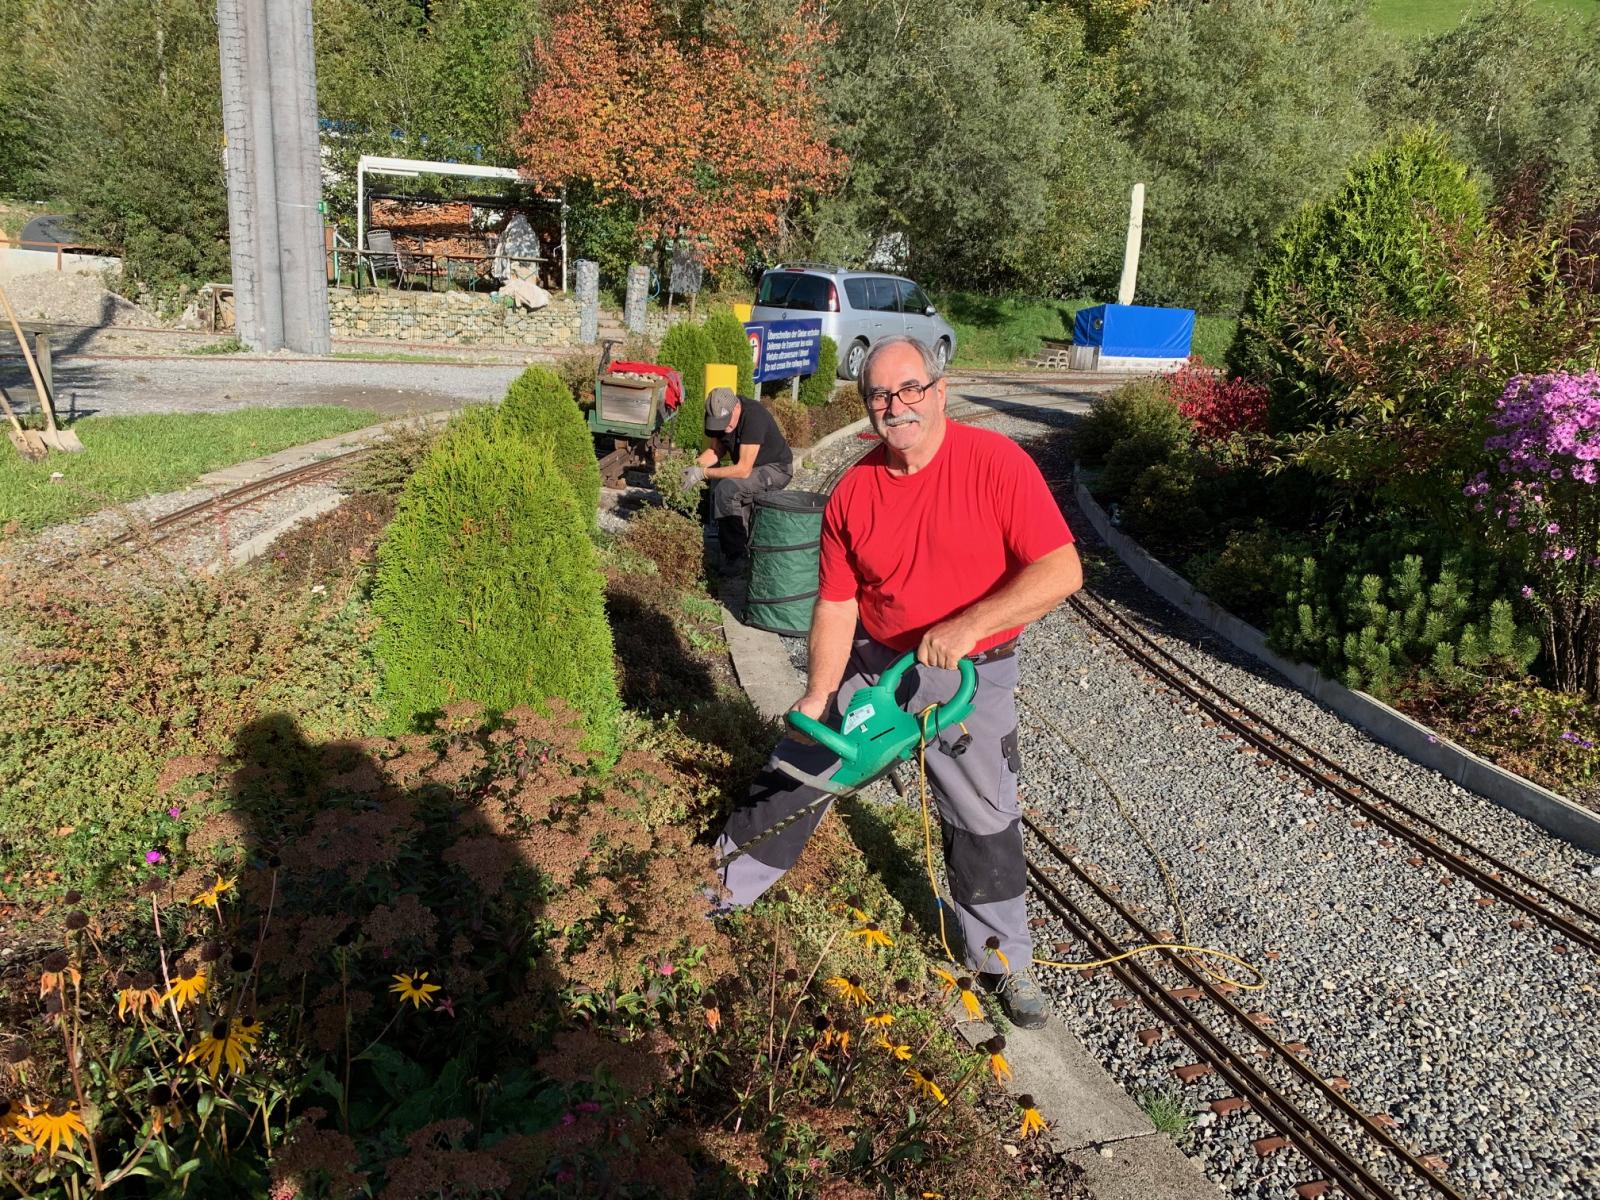 Der Gärtner bei der Arbeit